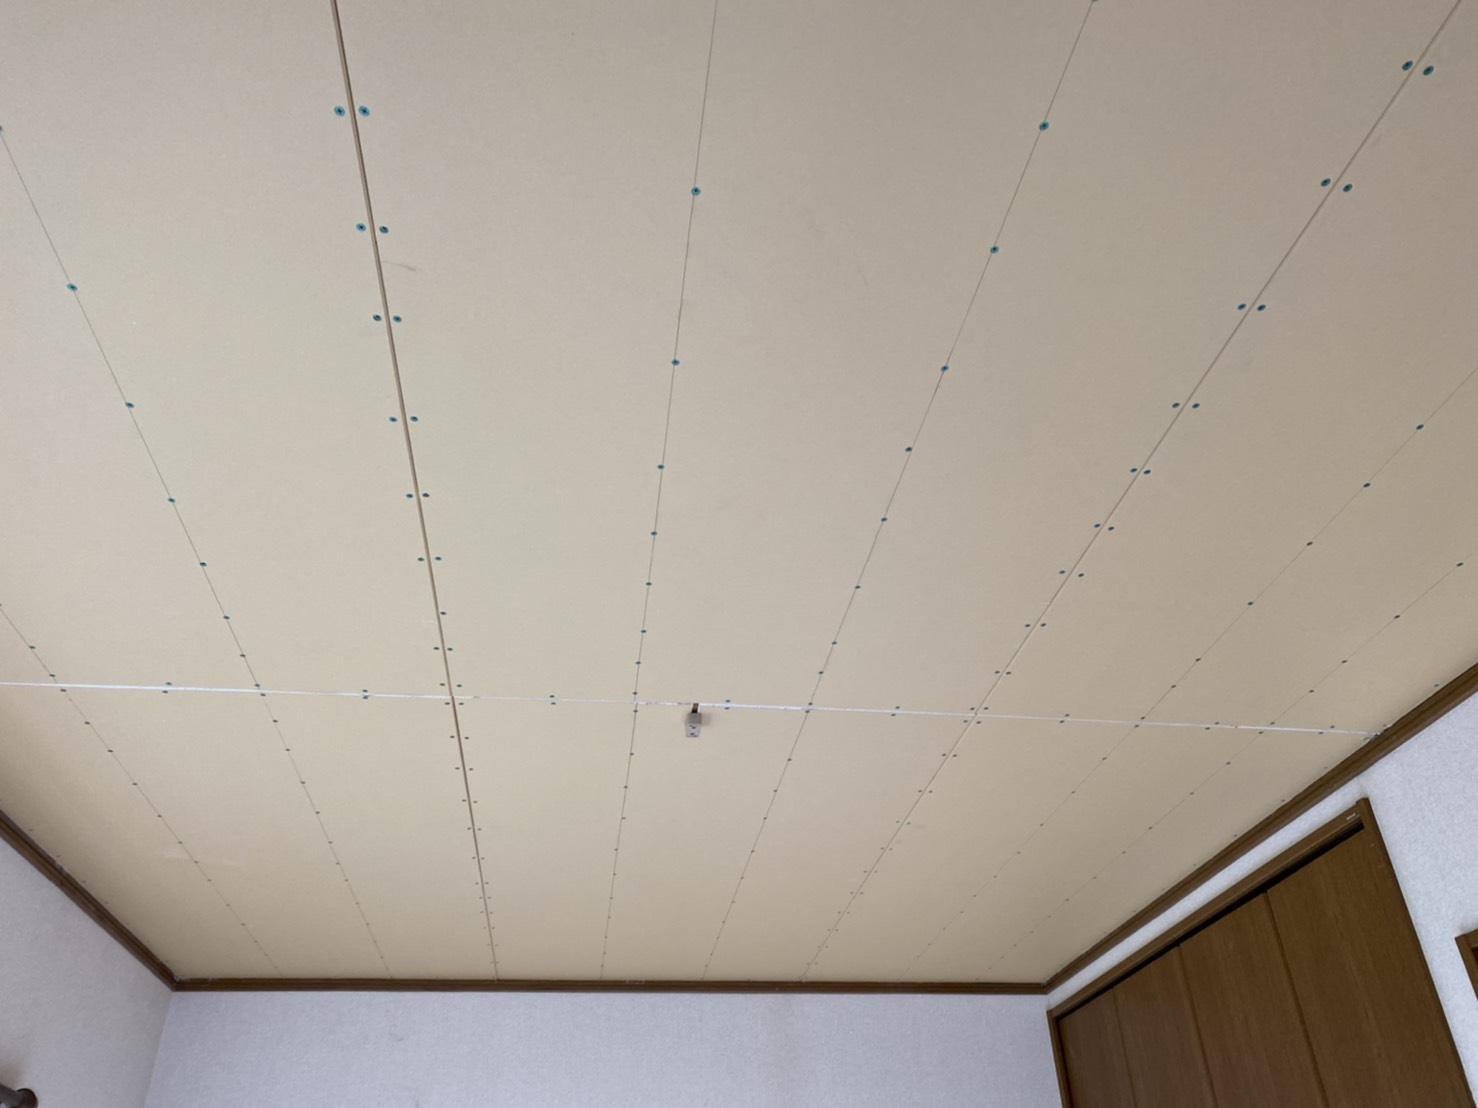 新しい天井ボードが全面に貼られて洋室